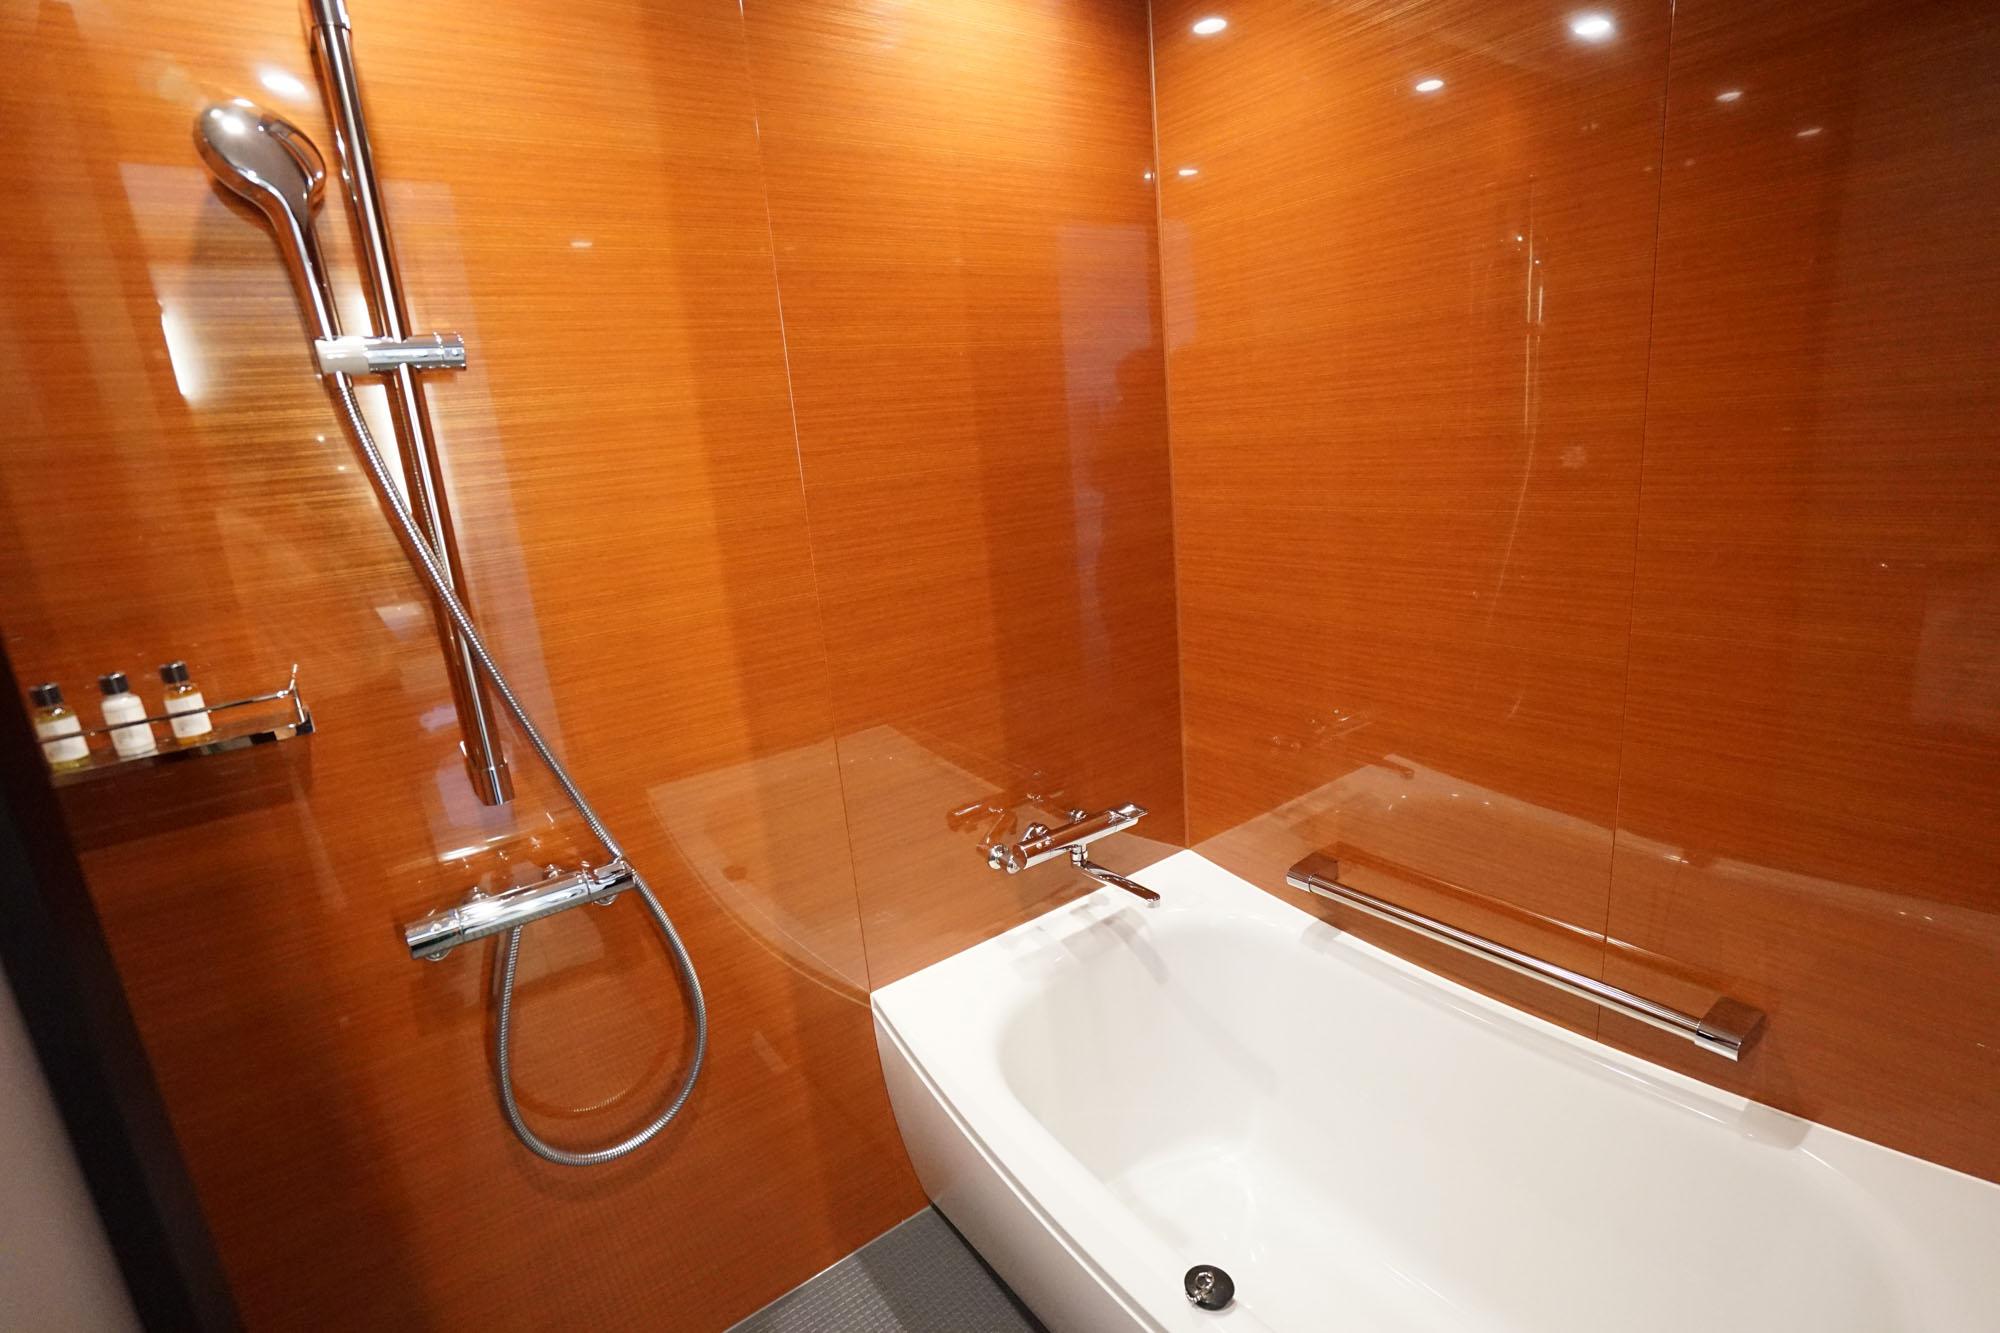 トイレや洗面台とのユニットタイプではなく完全に独立しているので、広い洗い場もあり部屋でもゆっくりとお風呂に入れそう。